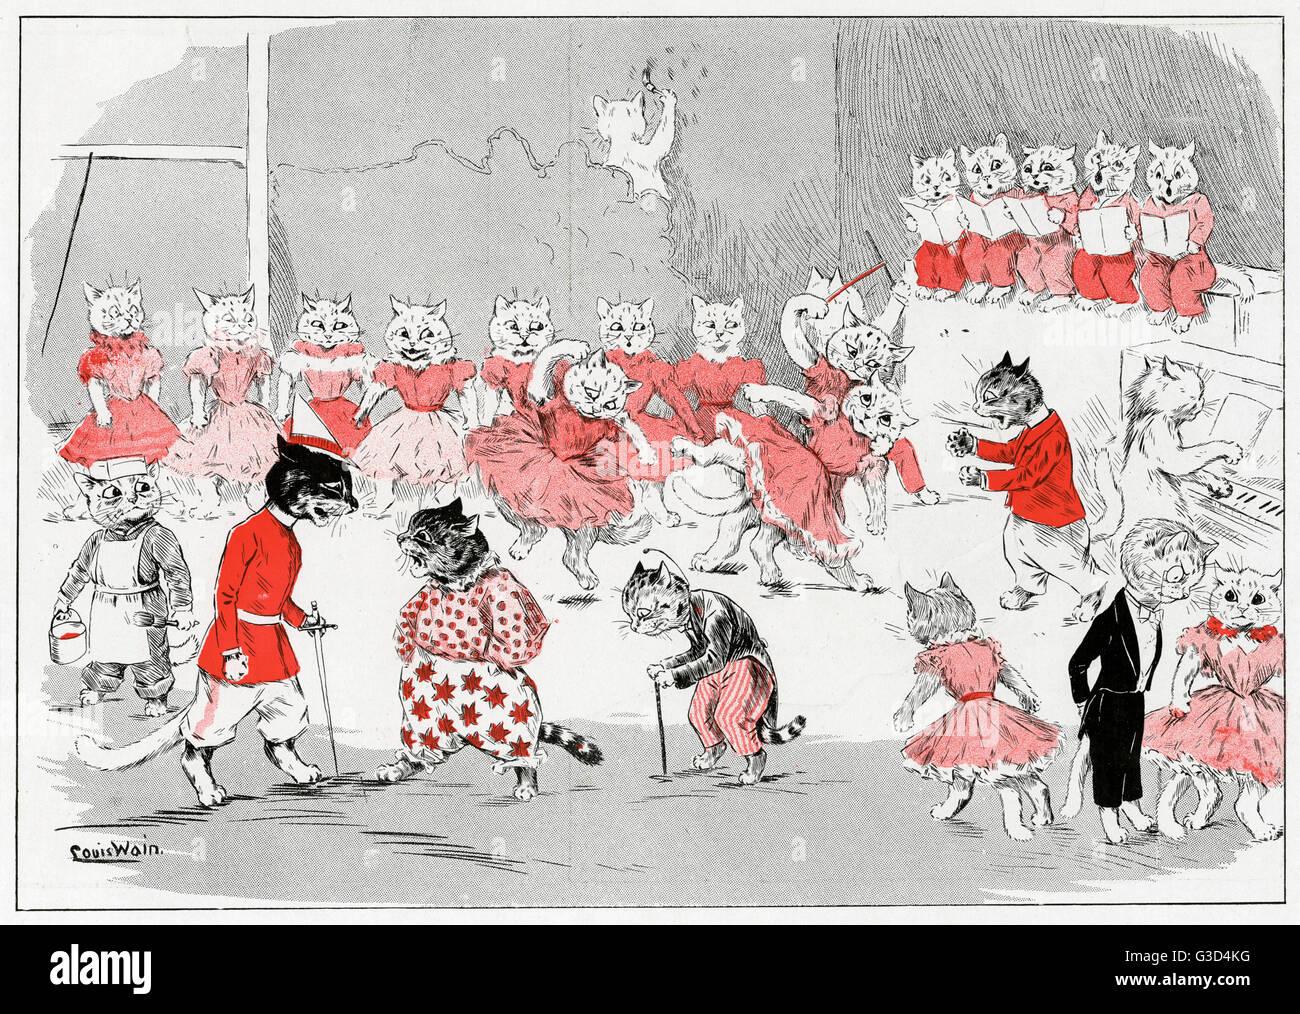 Les chats habillés comme des humains répéter une pantomime. 1898 Photo Stock